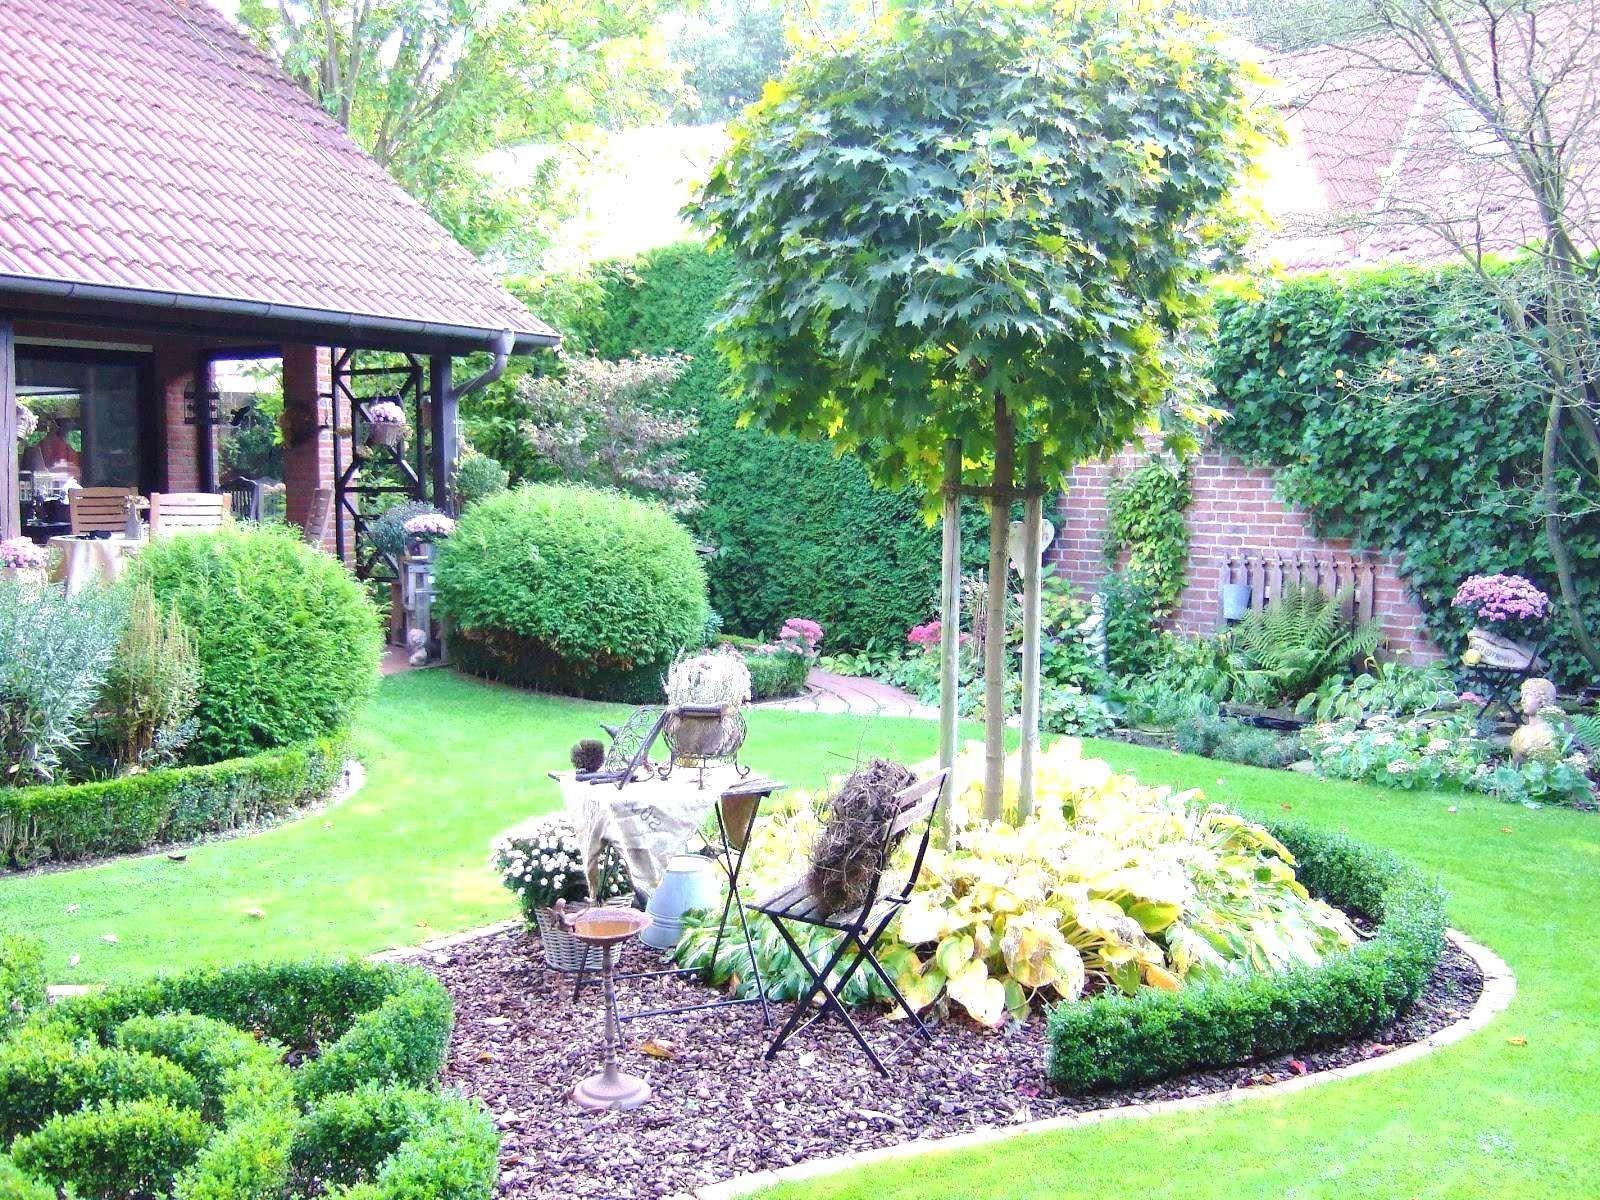 Baum Deko Garten Genial Garten Ideas Garten Anlegen Inspirational Aussenleuchten